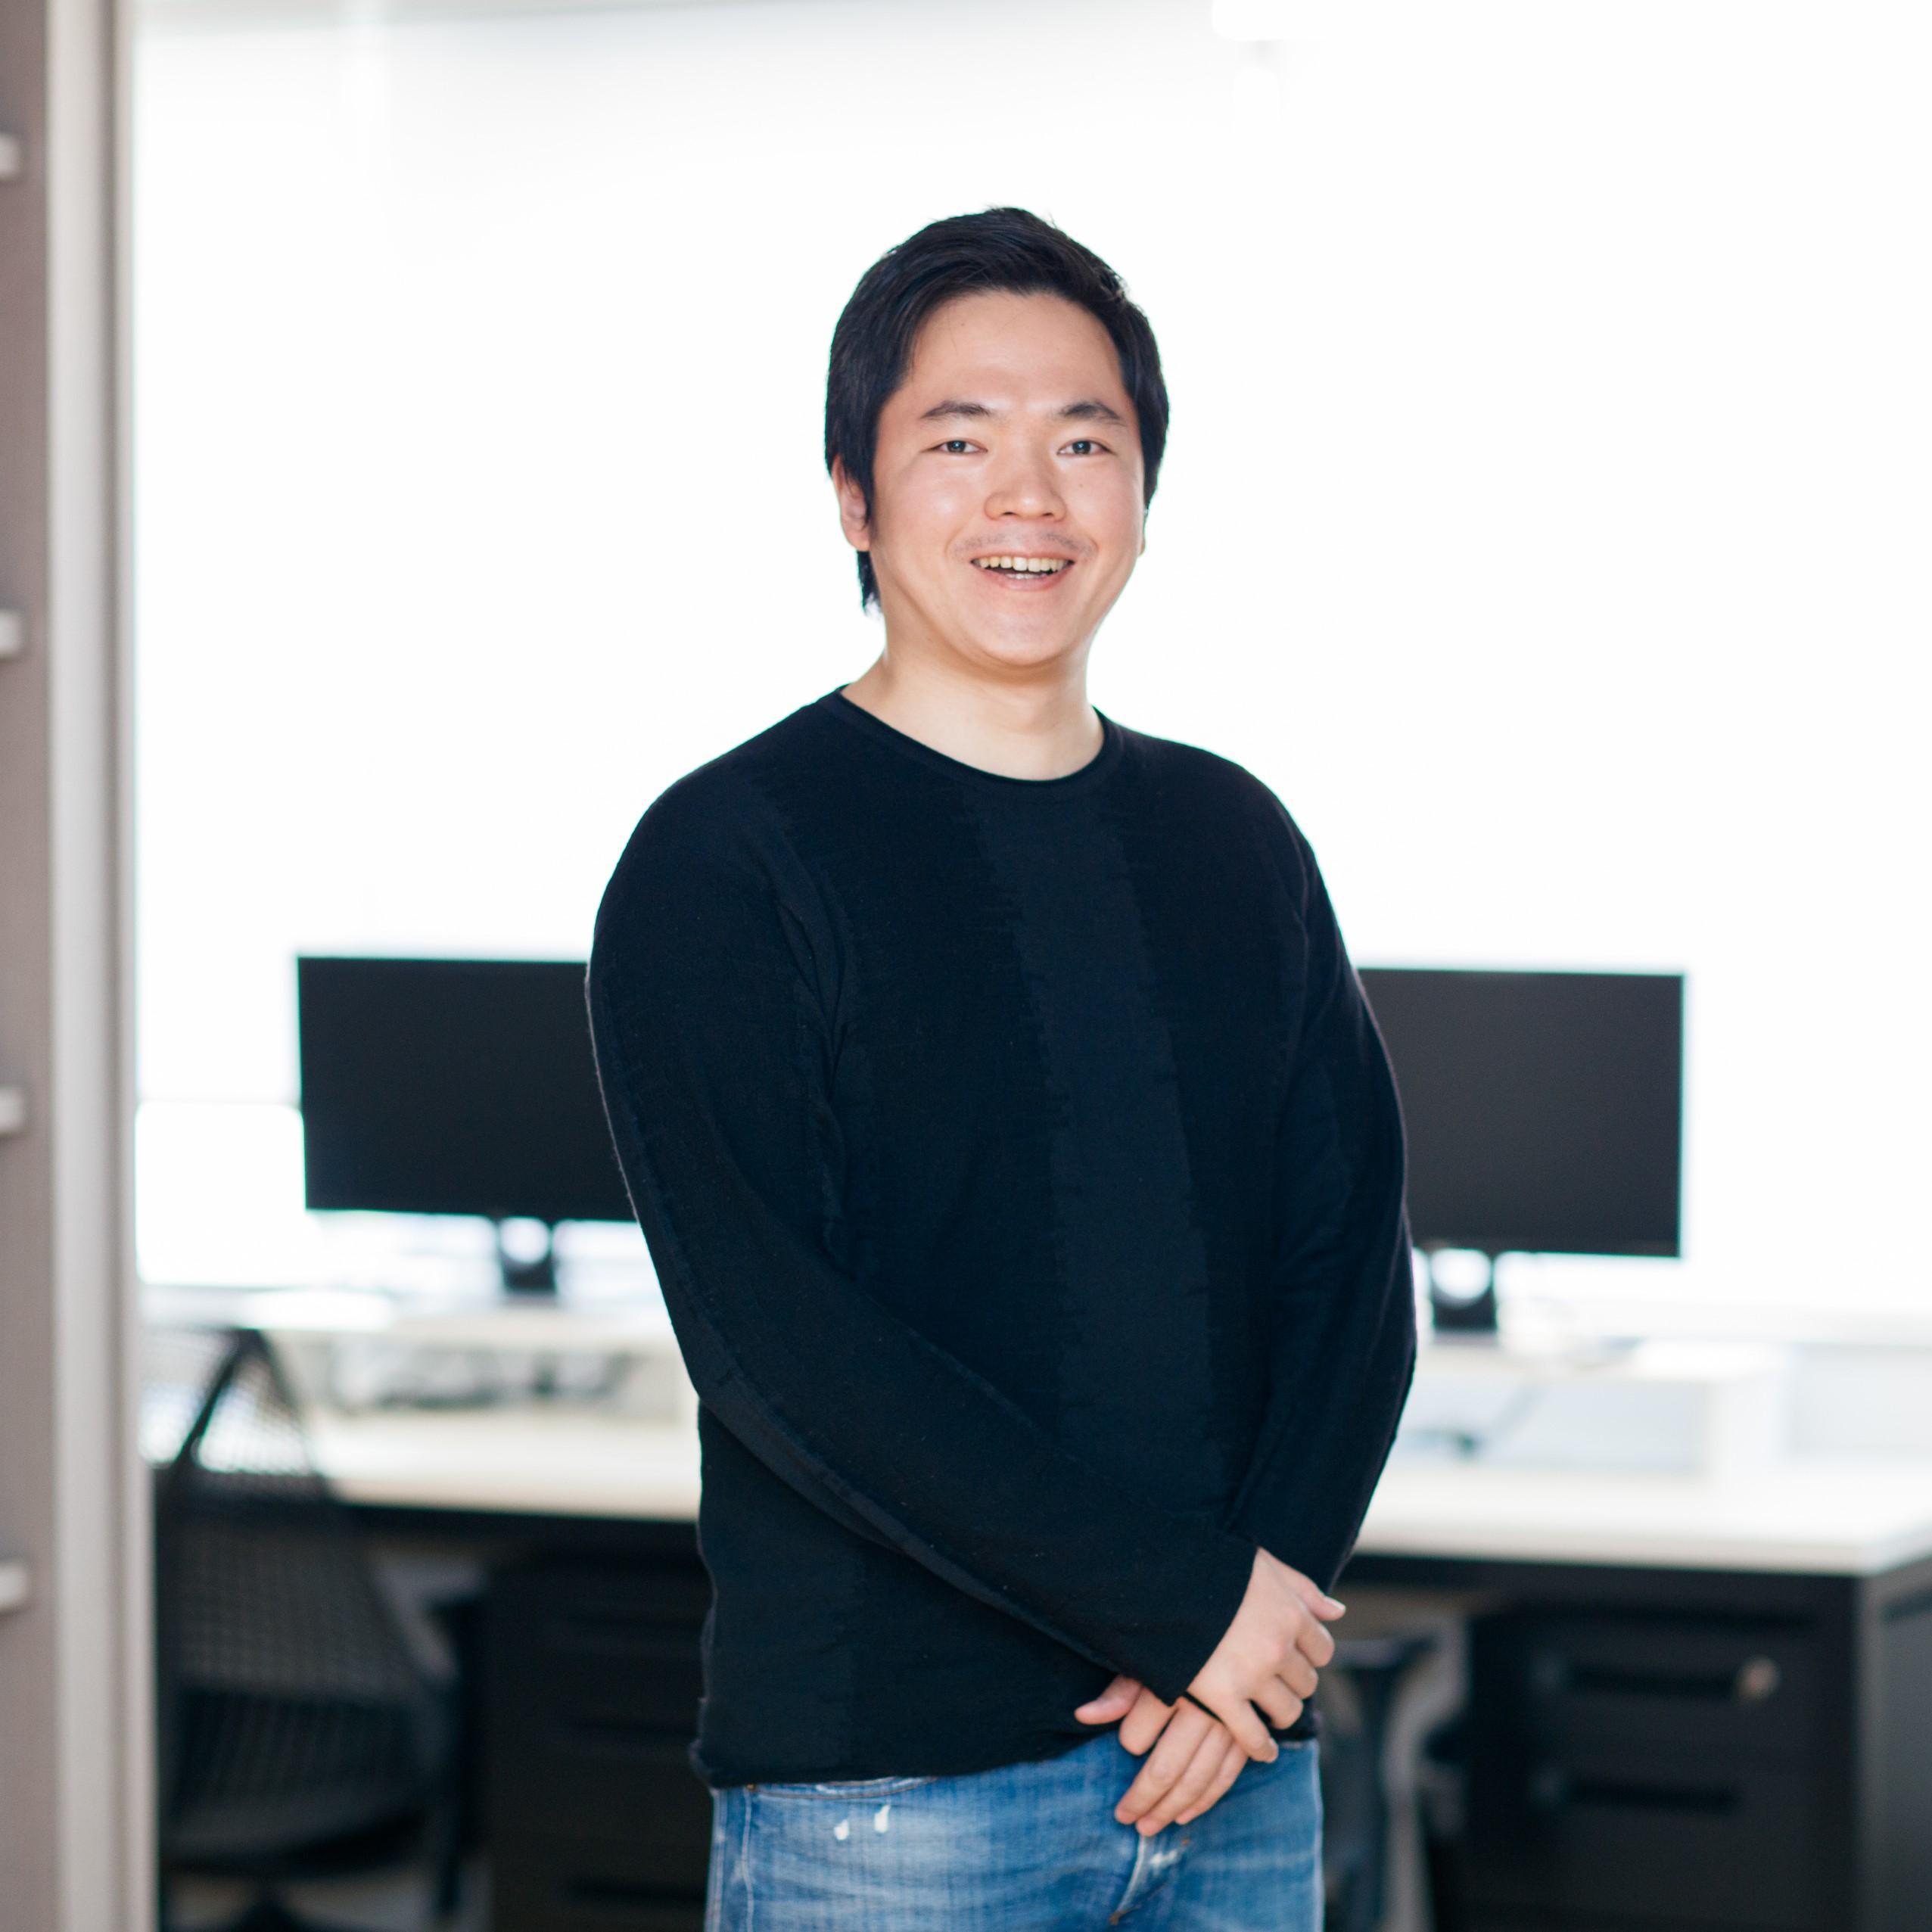 株式会社Globee 代表取締役社長 幾嶋 研三郎 氏